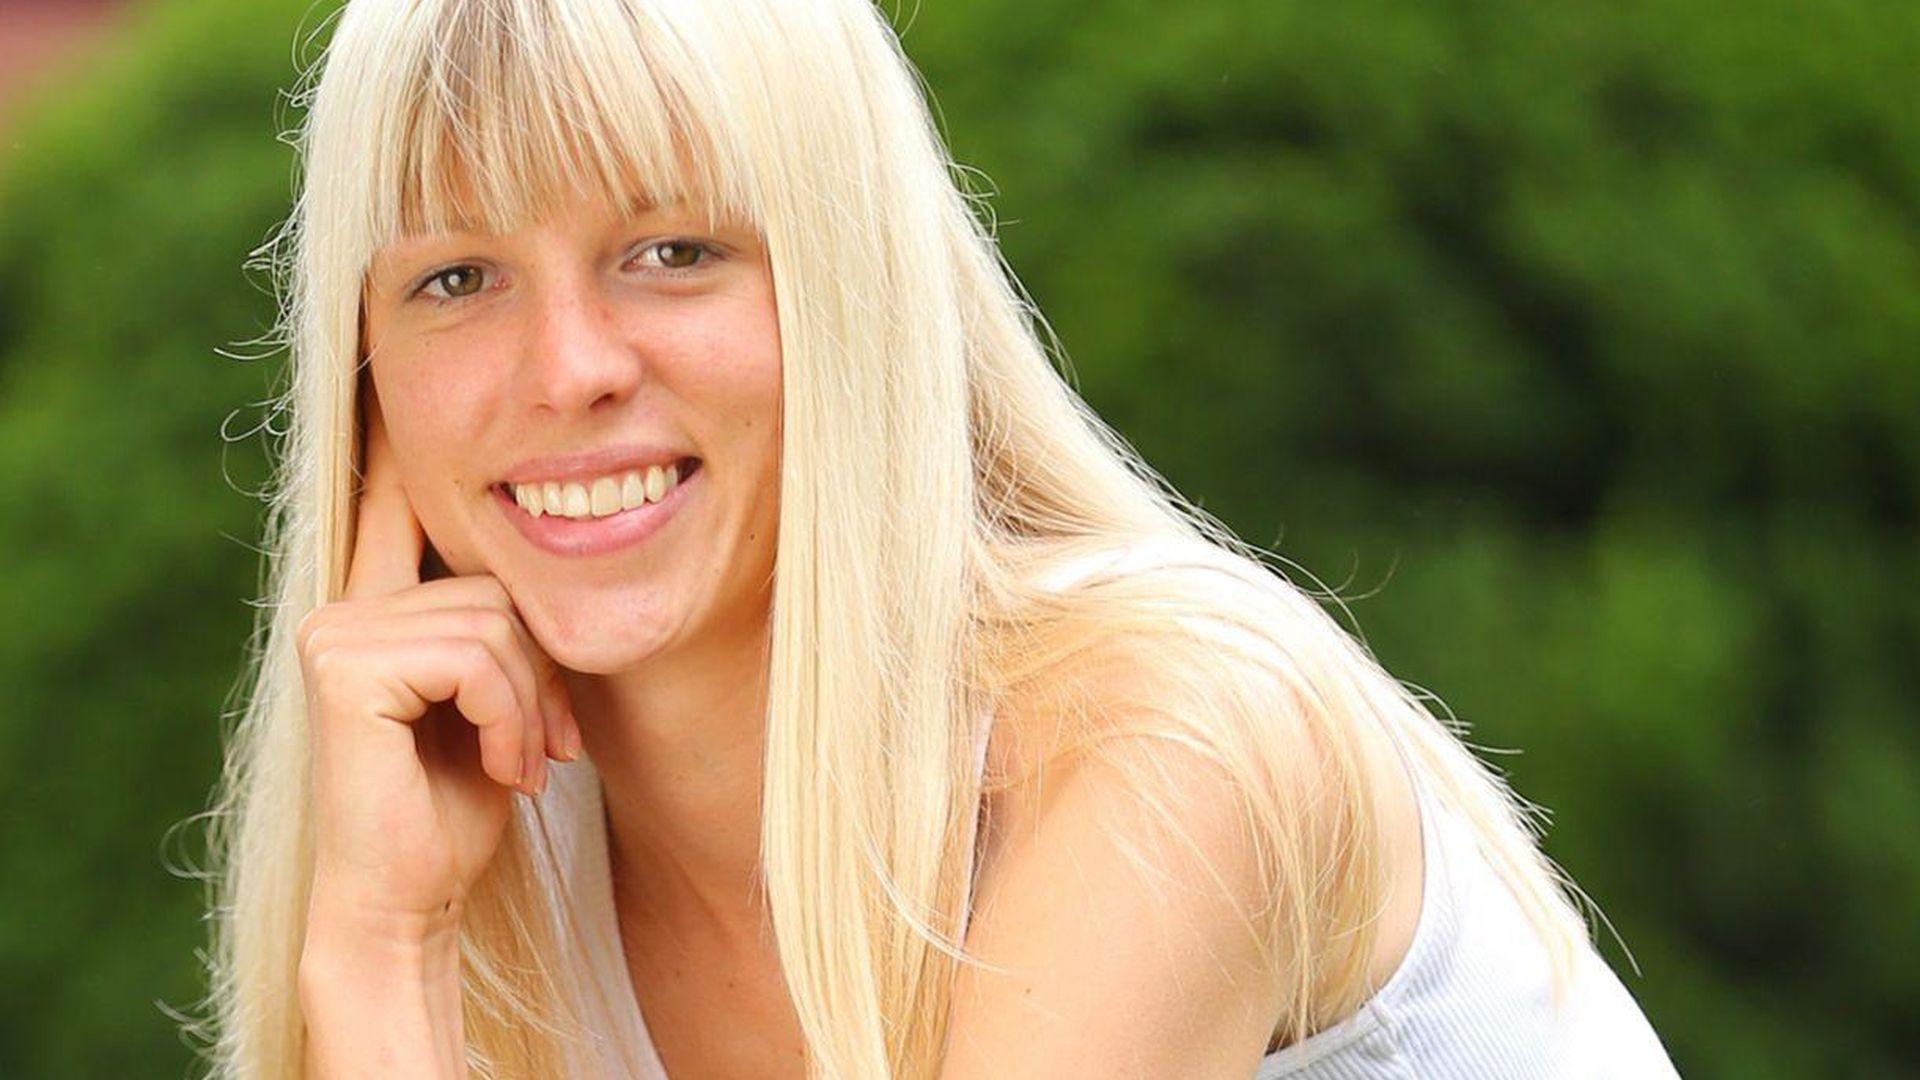 Schwangeren dating seiten kostenlos